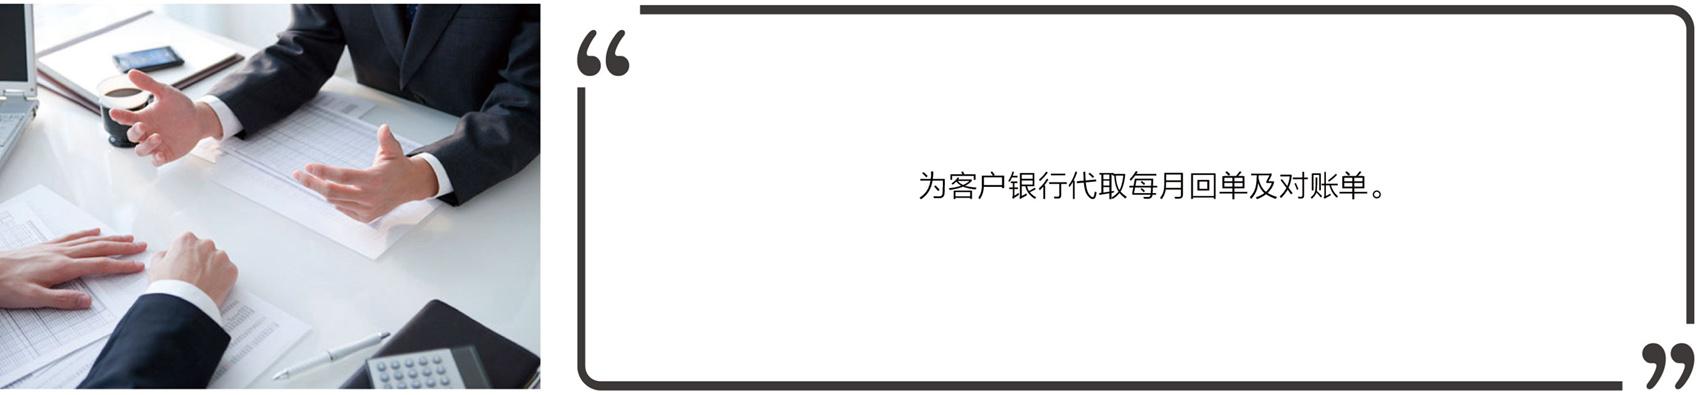 代取回单_03.jpg